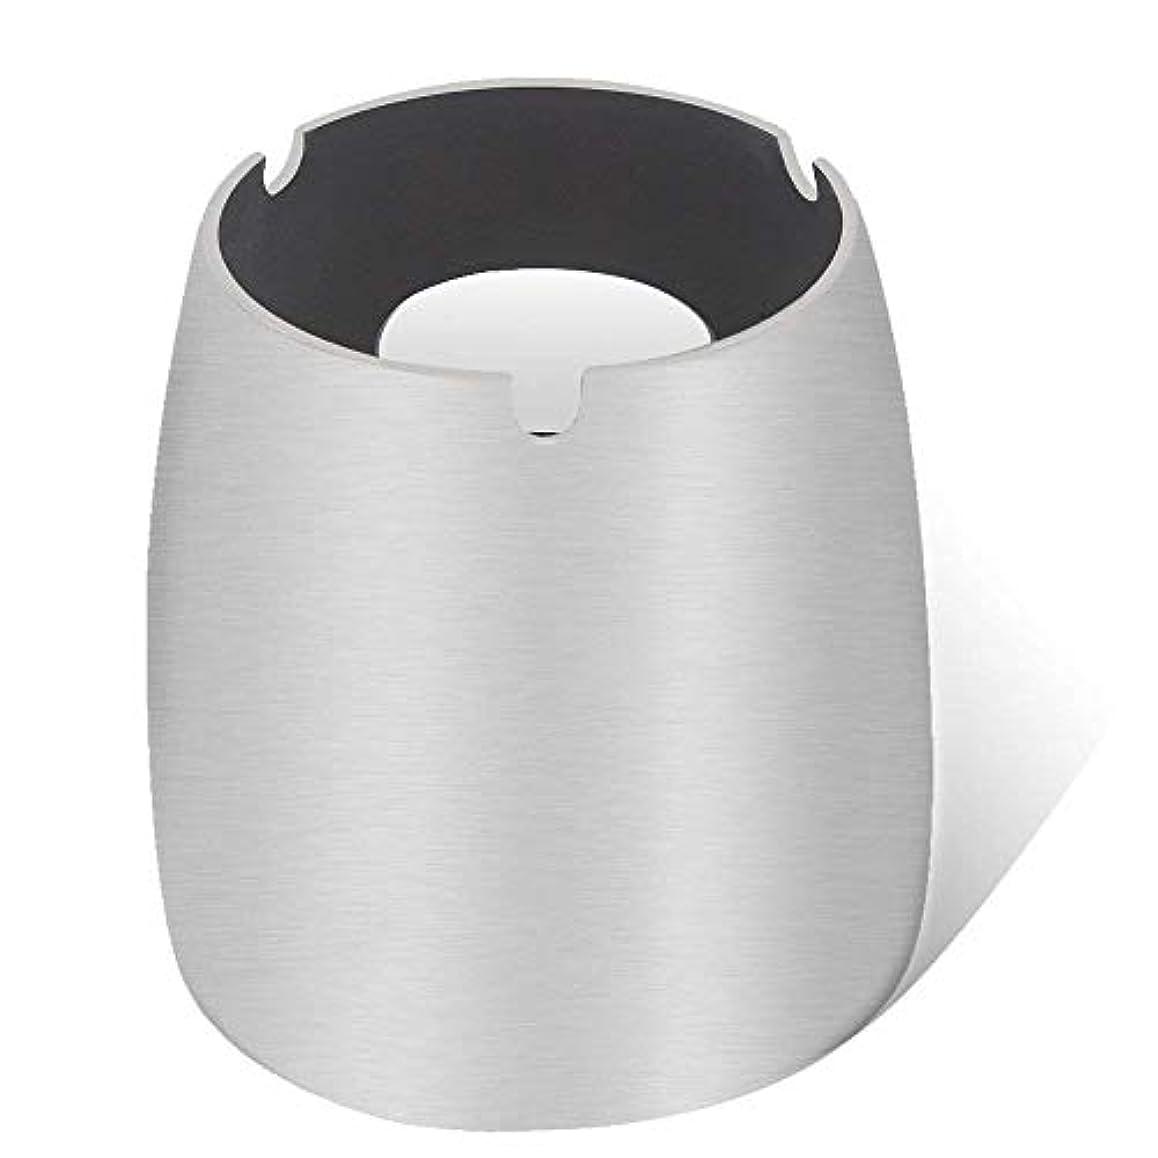 冷える無限チャーミング灰皿、ステンレススチール風灰皿タンブルカップ、屋内または屋外用、ガーデンバルコニーシルバー